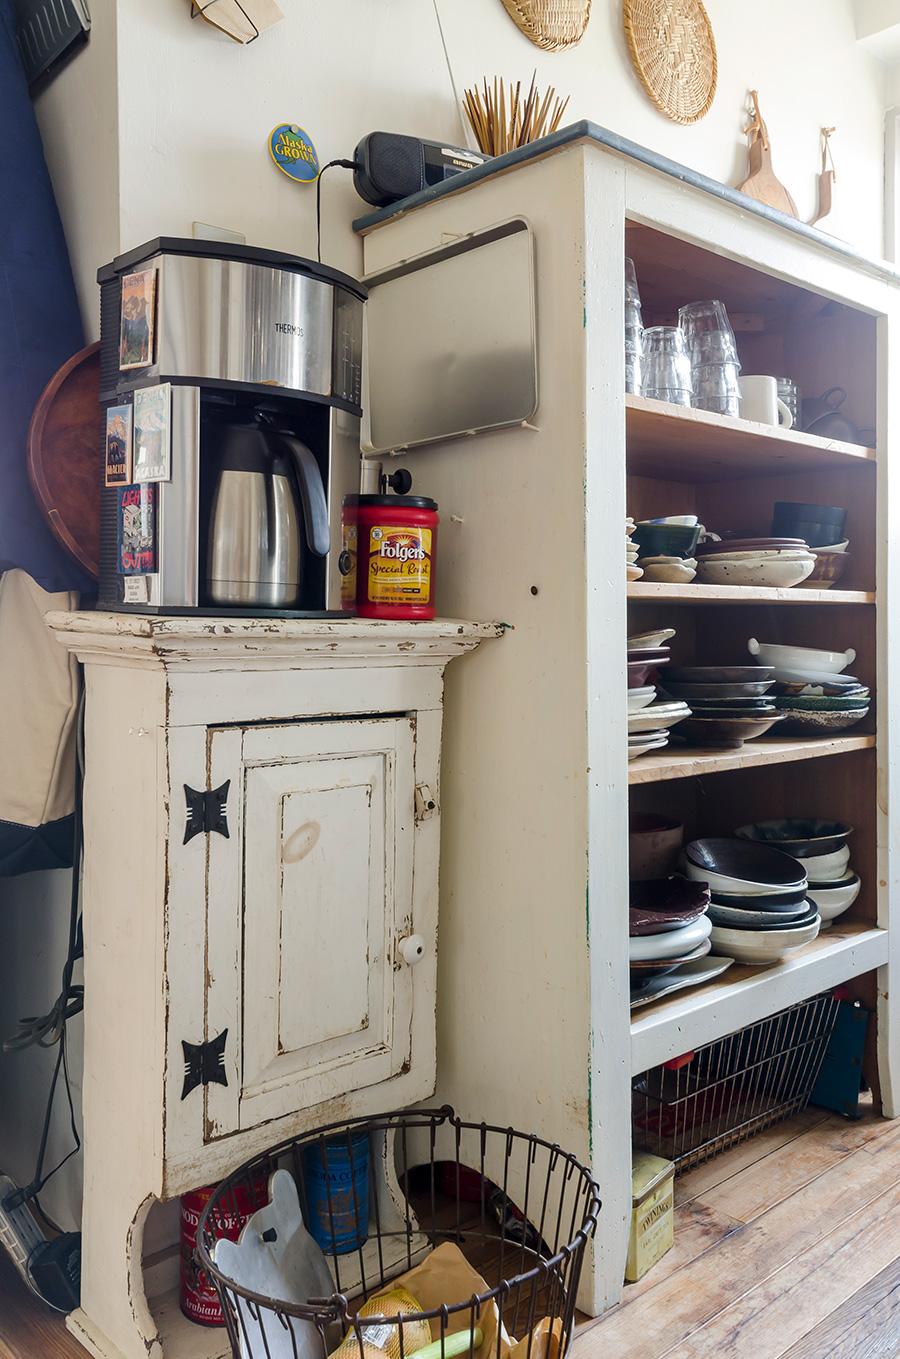 右は引越しの度、3回ほど塗り替えた麻由子さん手作りの棚。笠間焼の作家であったお父様の器などが。